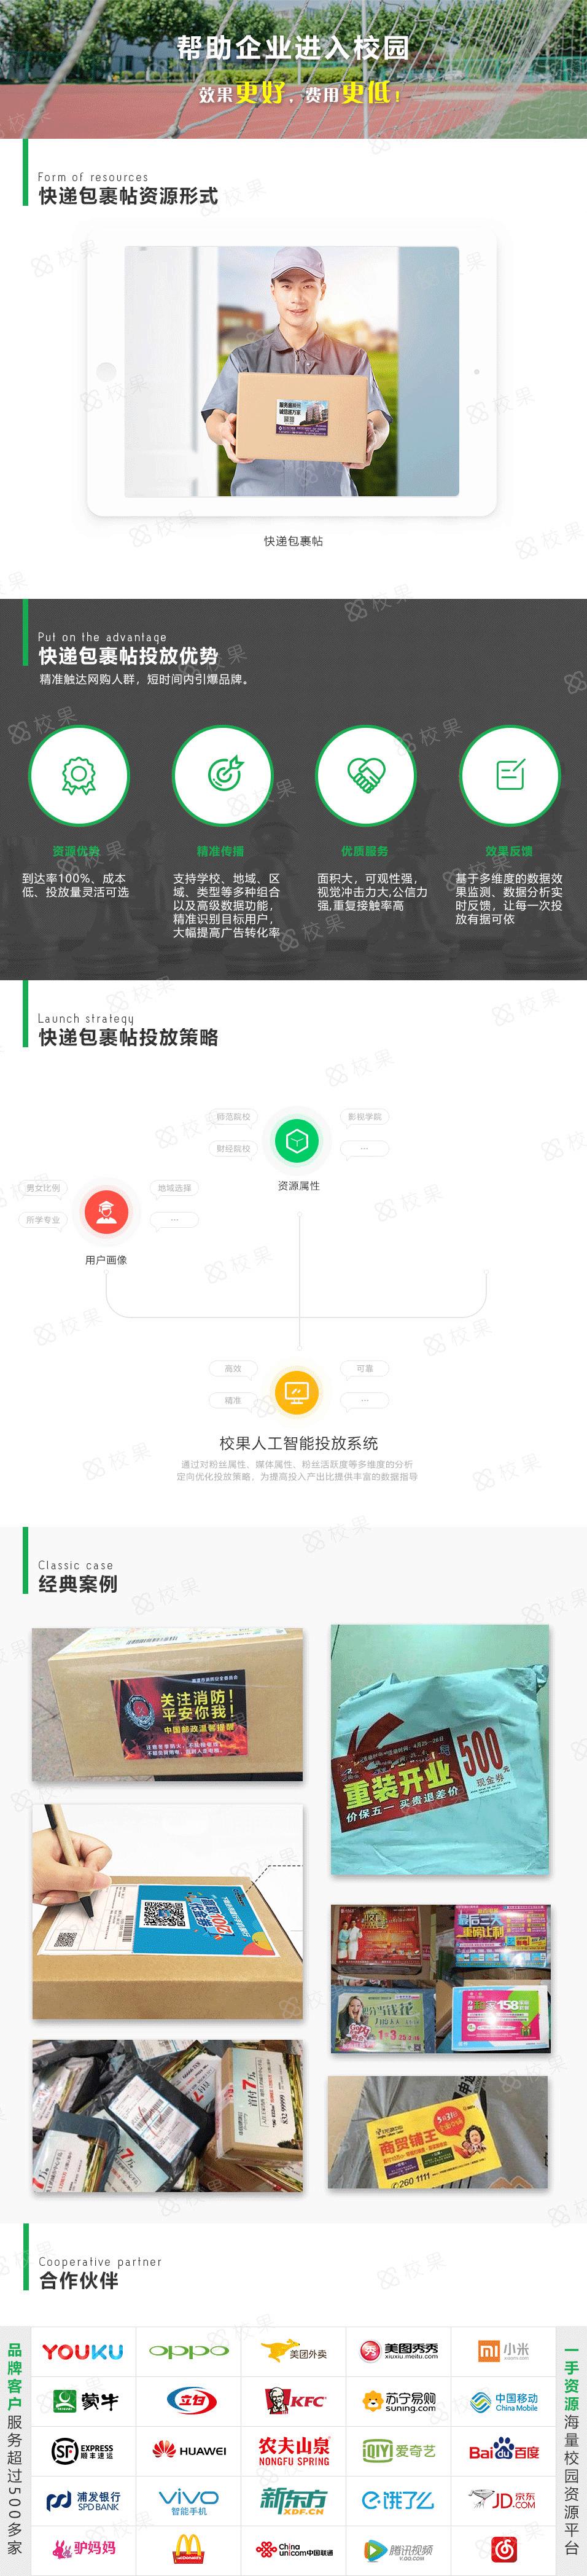 快递包裹贴 广州美术学院-大学城校区